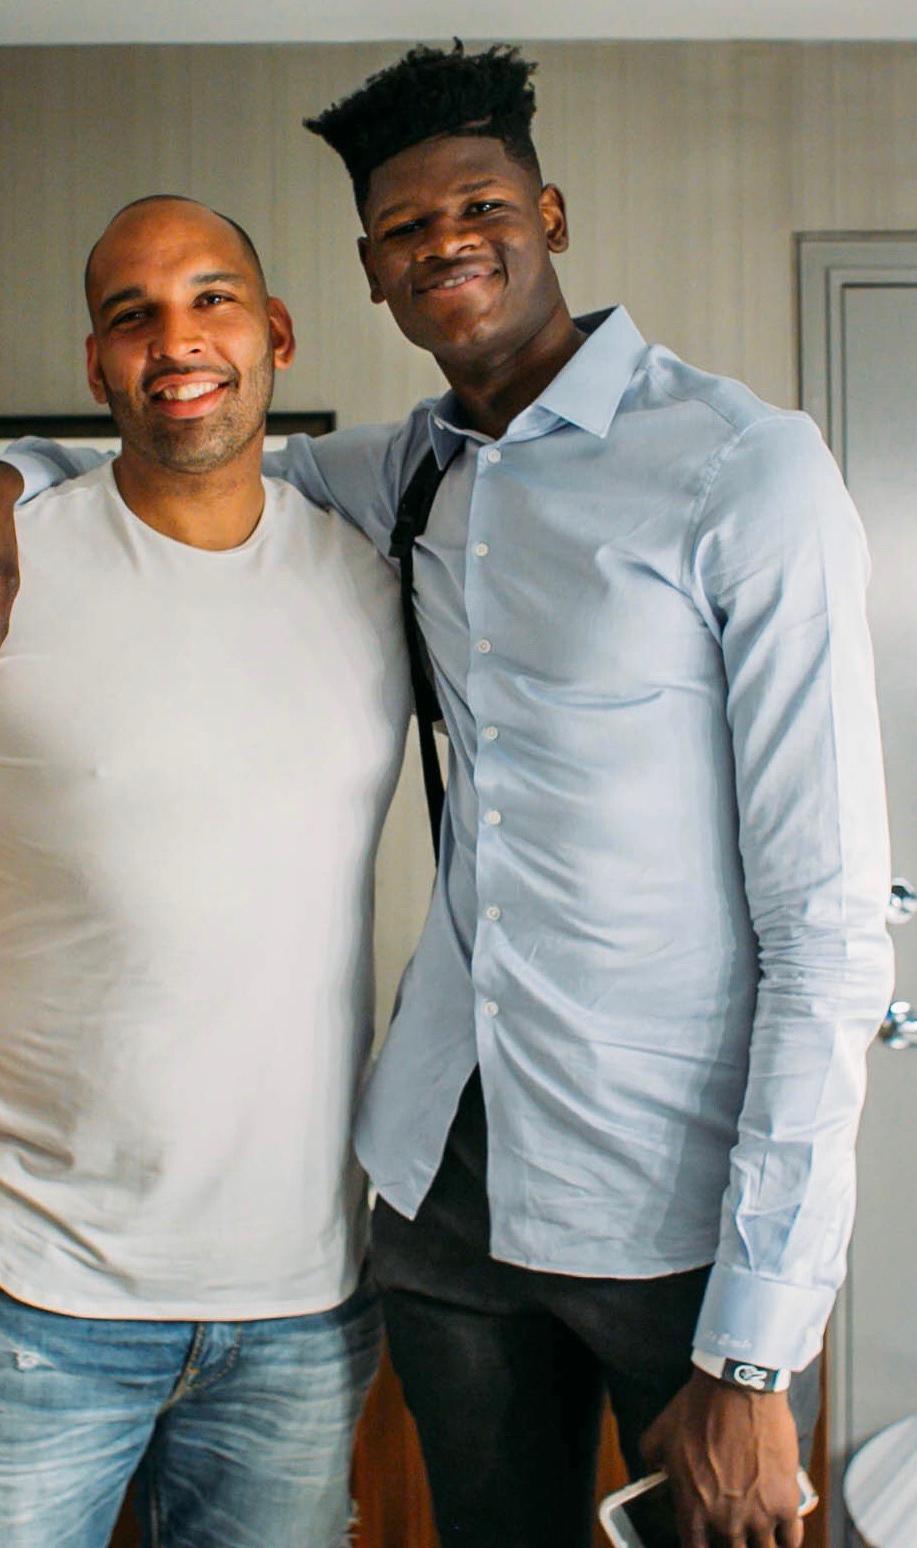 Aaron Johnson and Mo Bamba at the 2018 NBA Draft